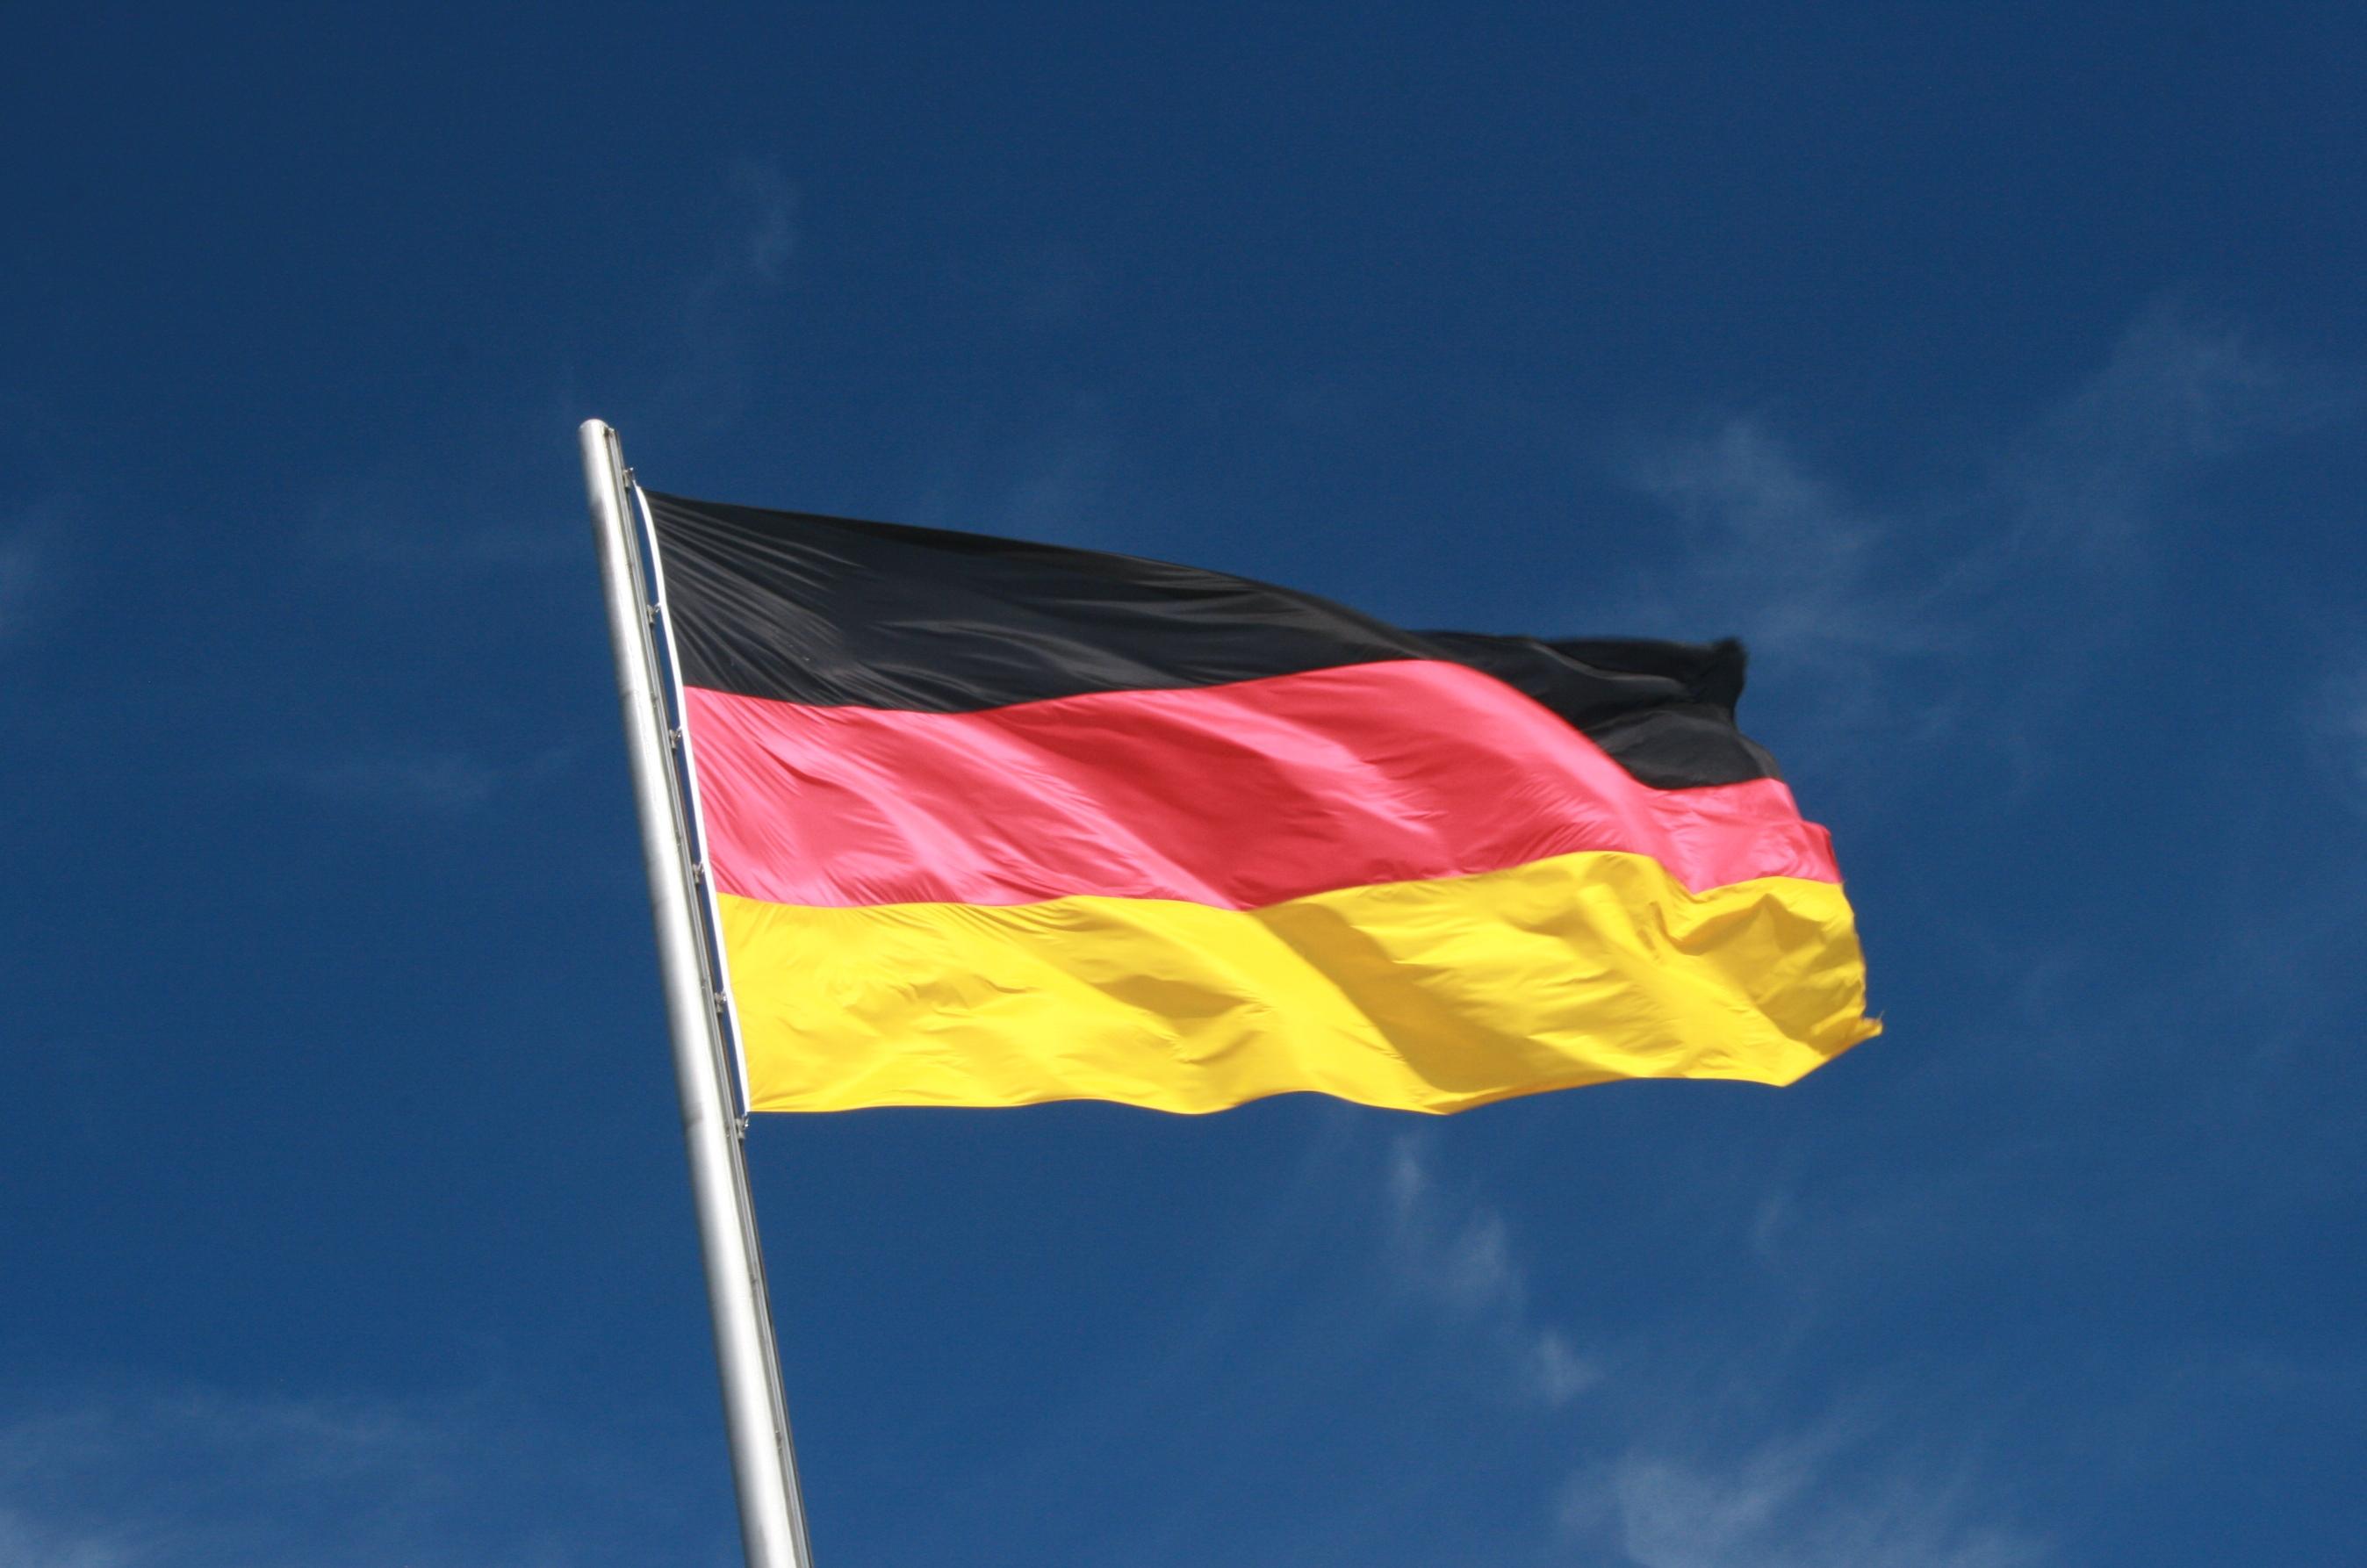 Almanya'dan Türkiye'deki yurttaşlarına bir uyarı daha